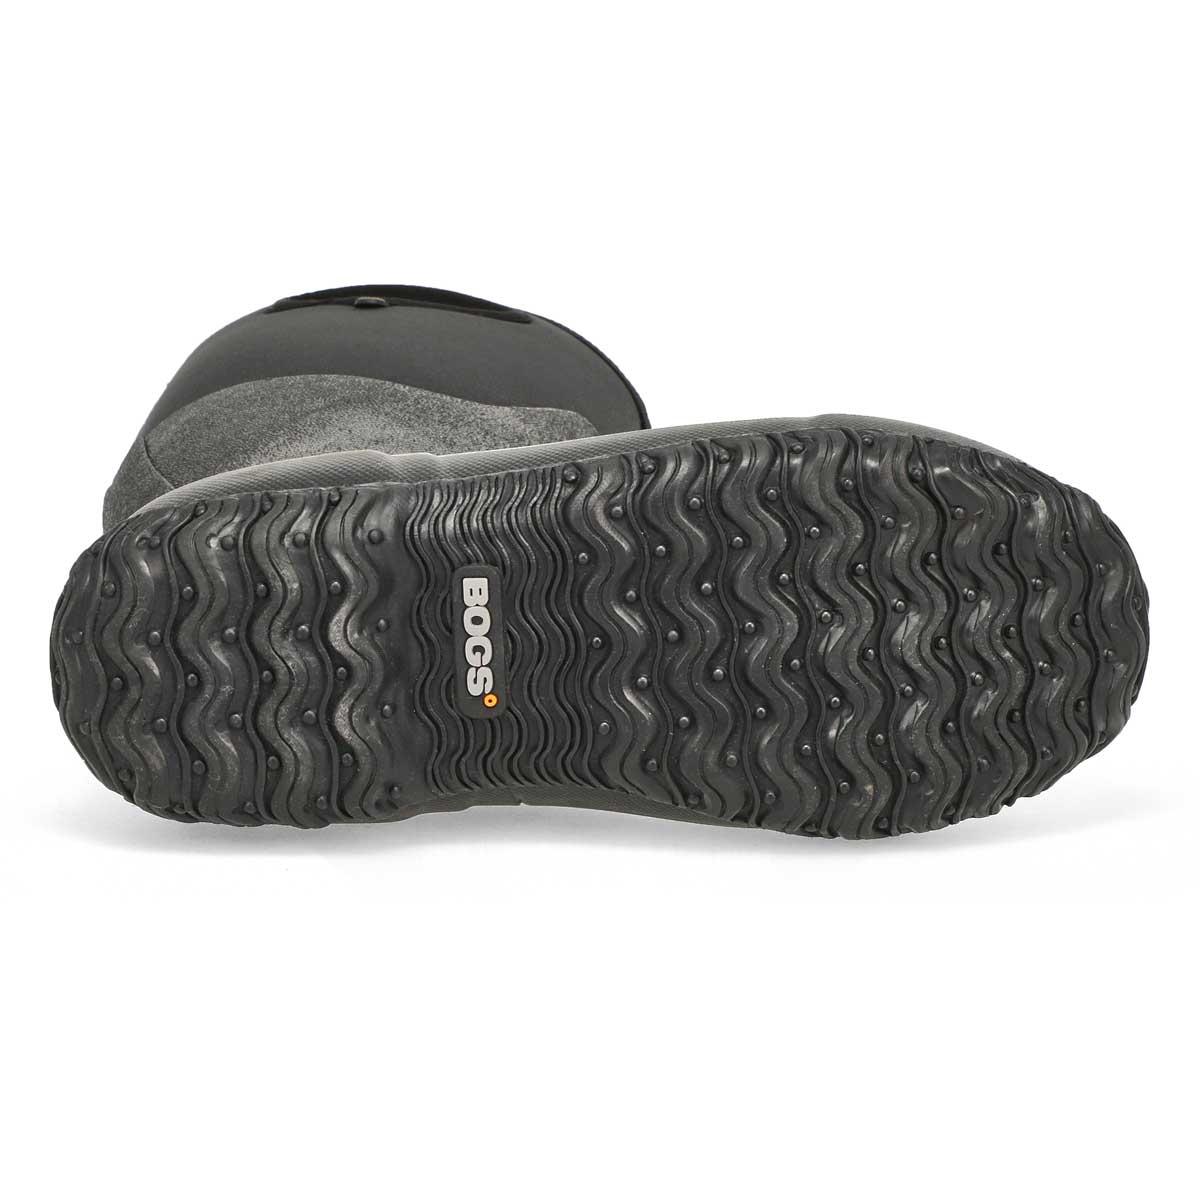 Lds Classic Tall black wide wtpf boot